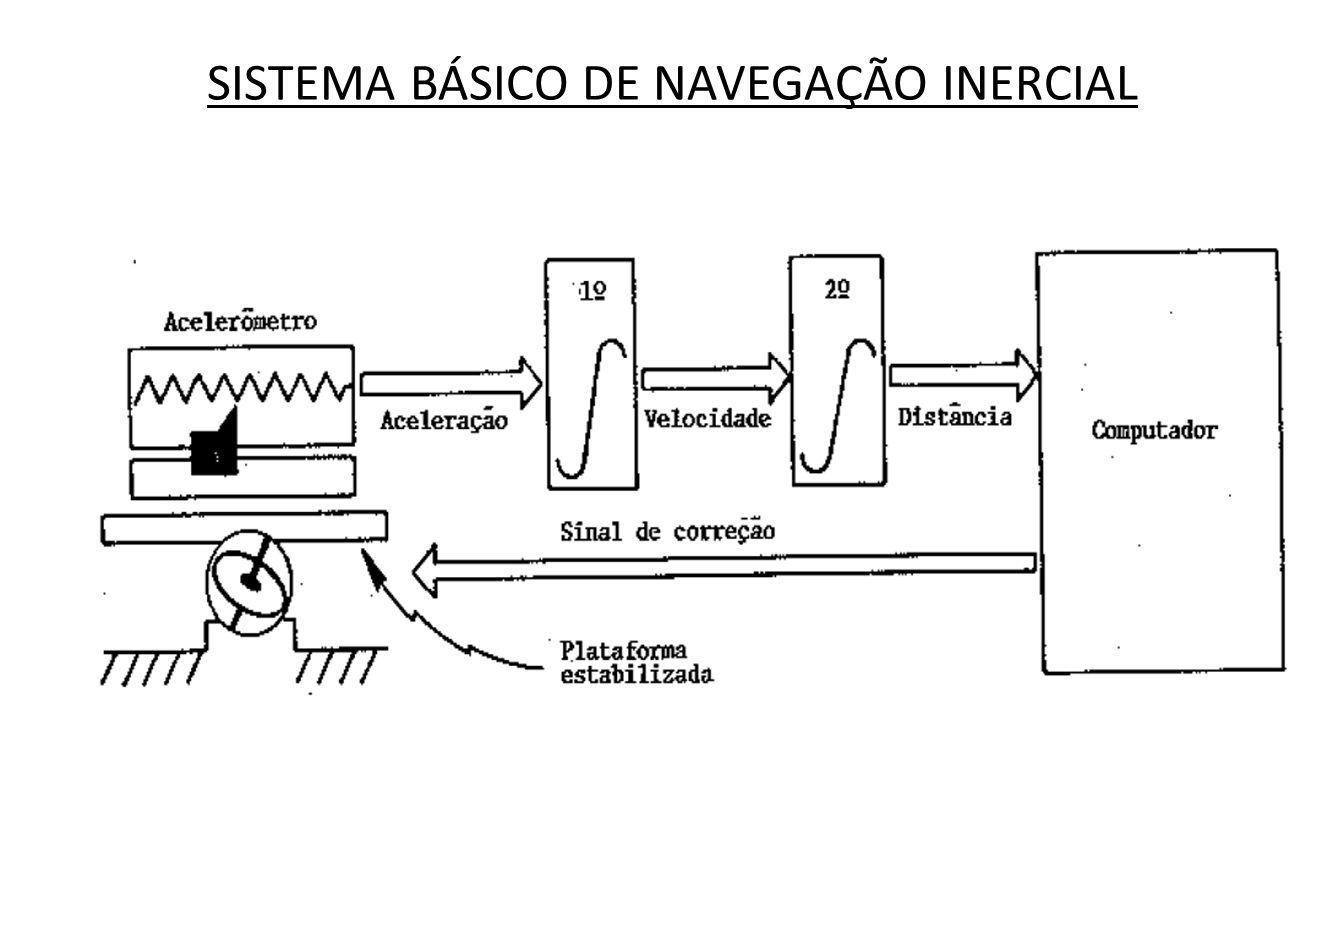 Um sistema de navegação inercial é de relativa complexidade e contém quatro componentes básicos, a saber: